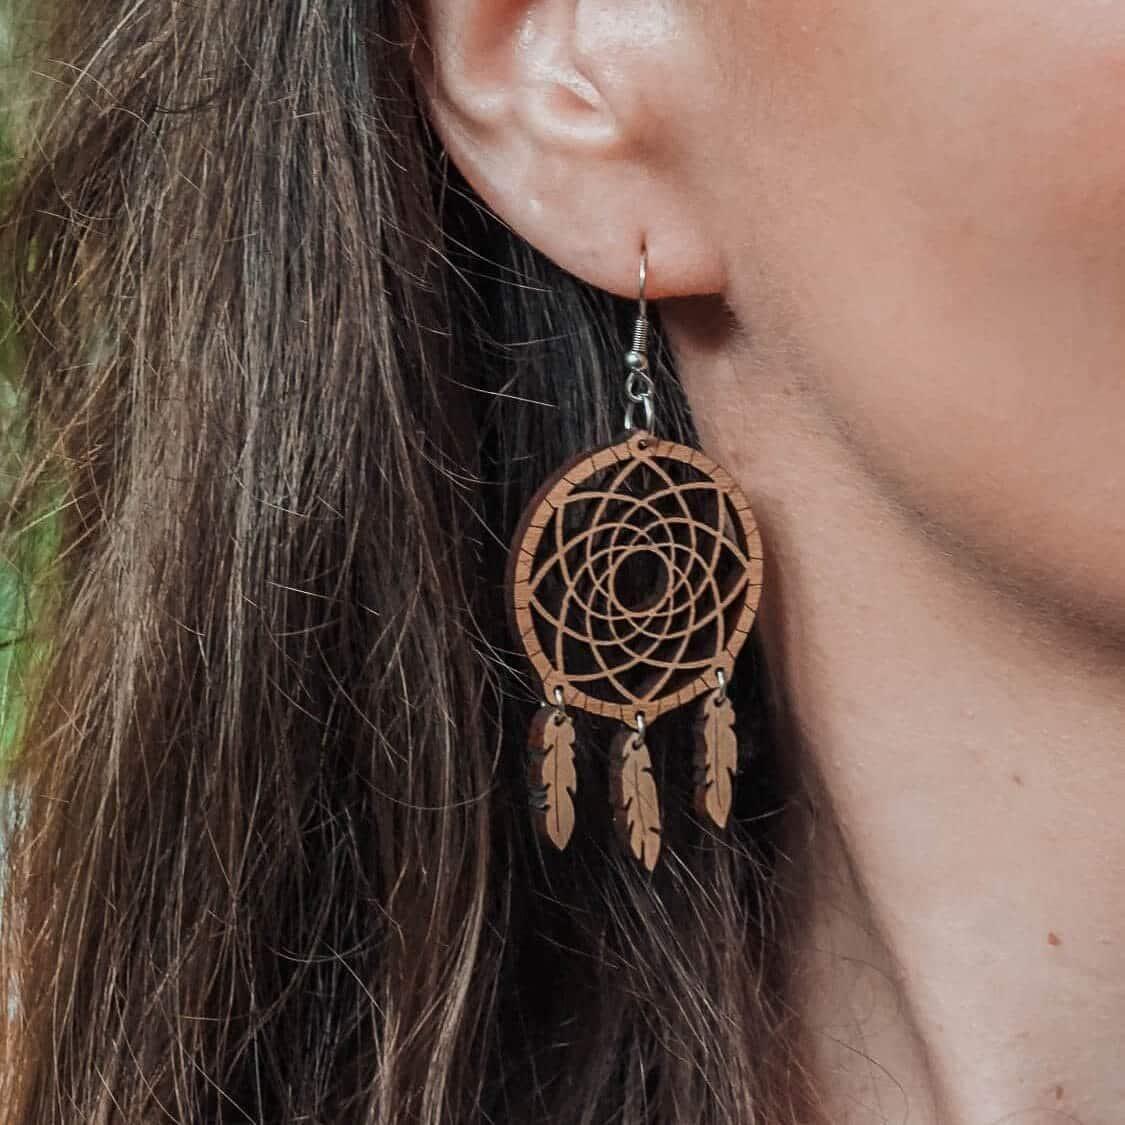 Boucles d'oreilles en bois Borêv inspirée des attrape rêves